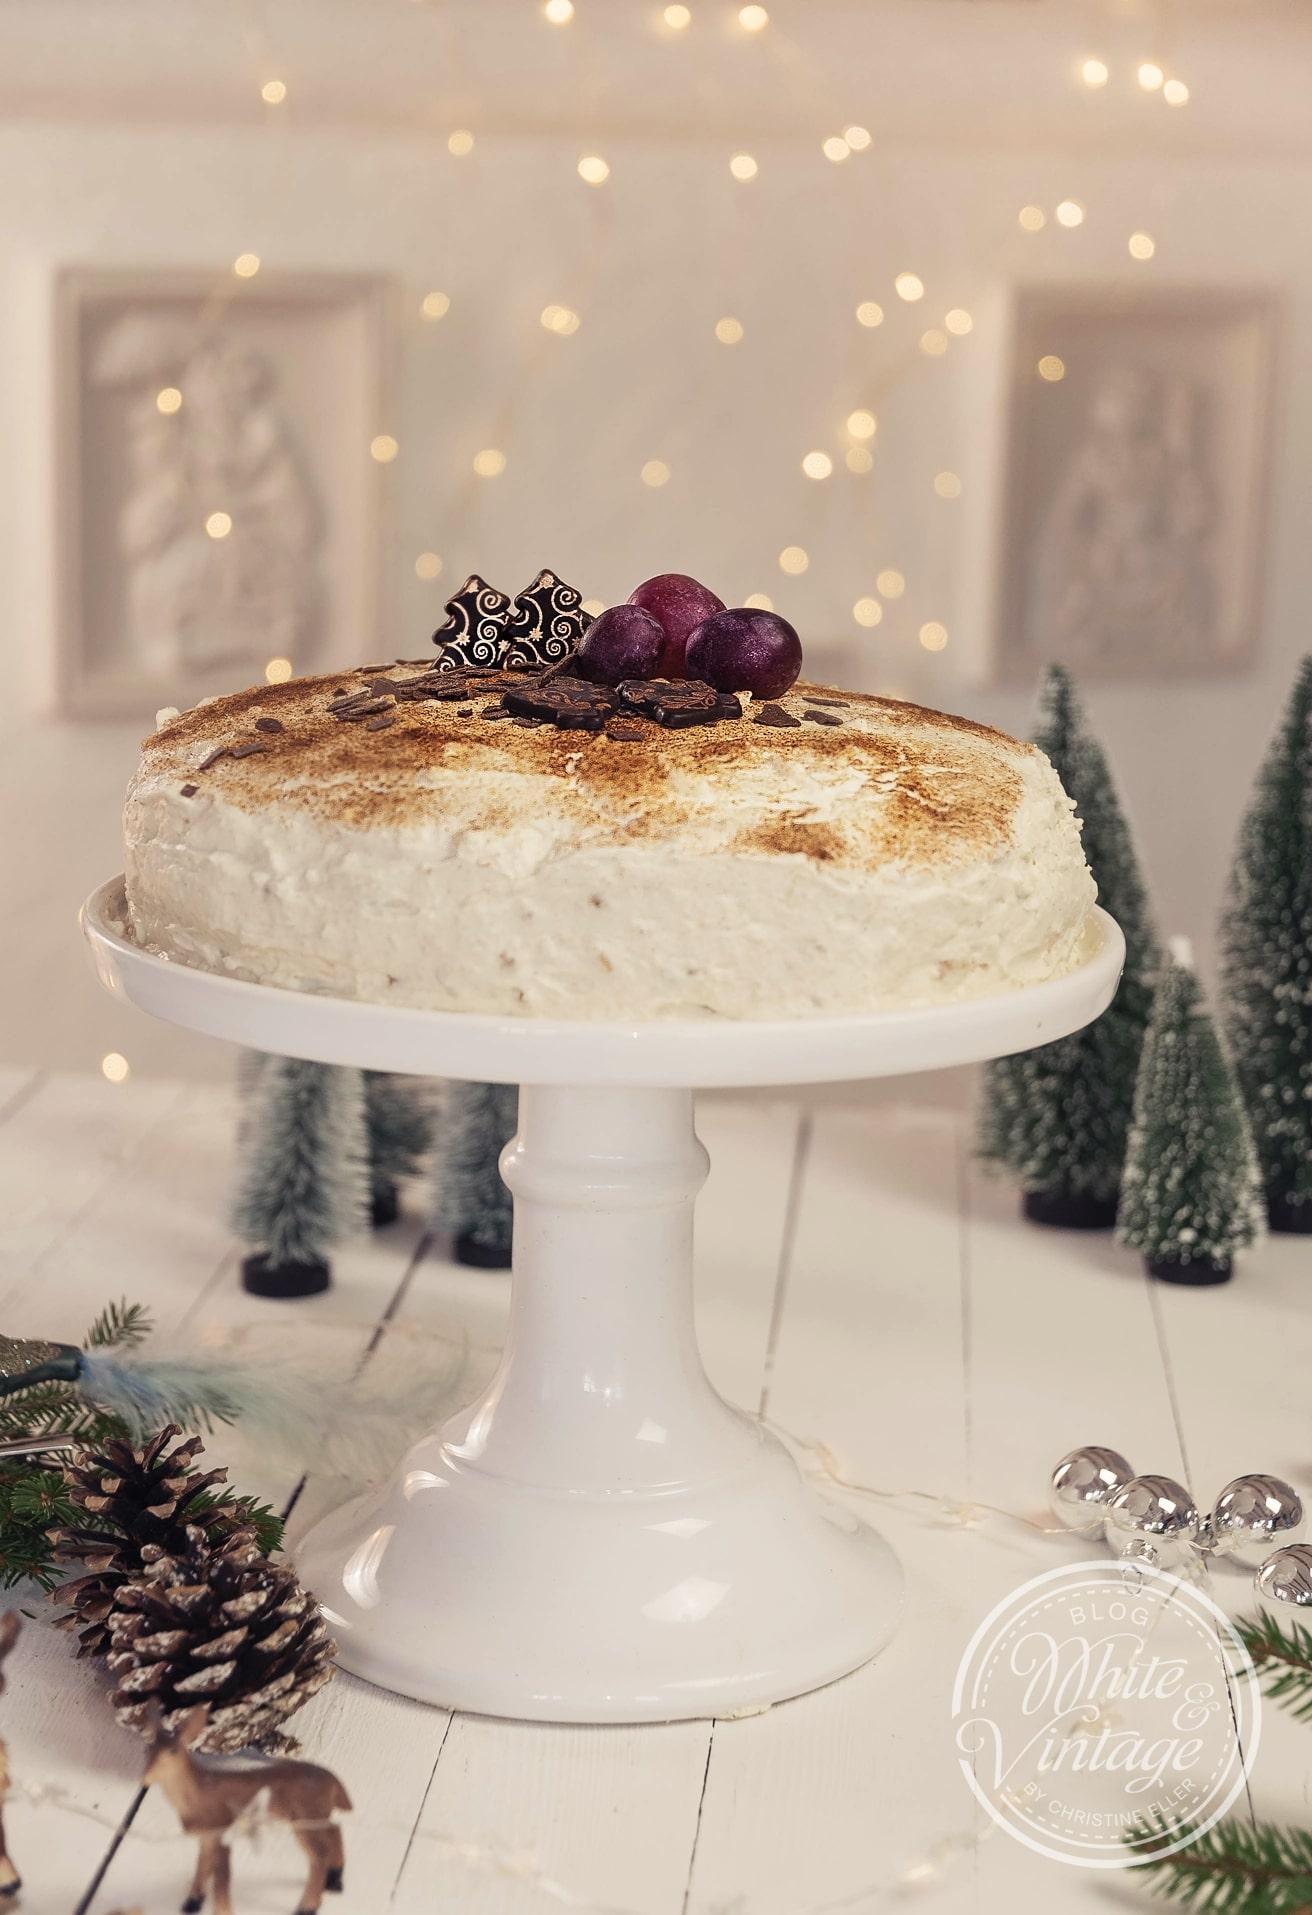 Rezept für eine einfache Weihnachtliche Torte.